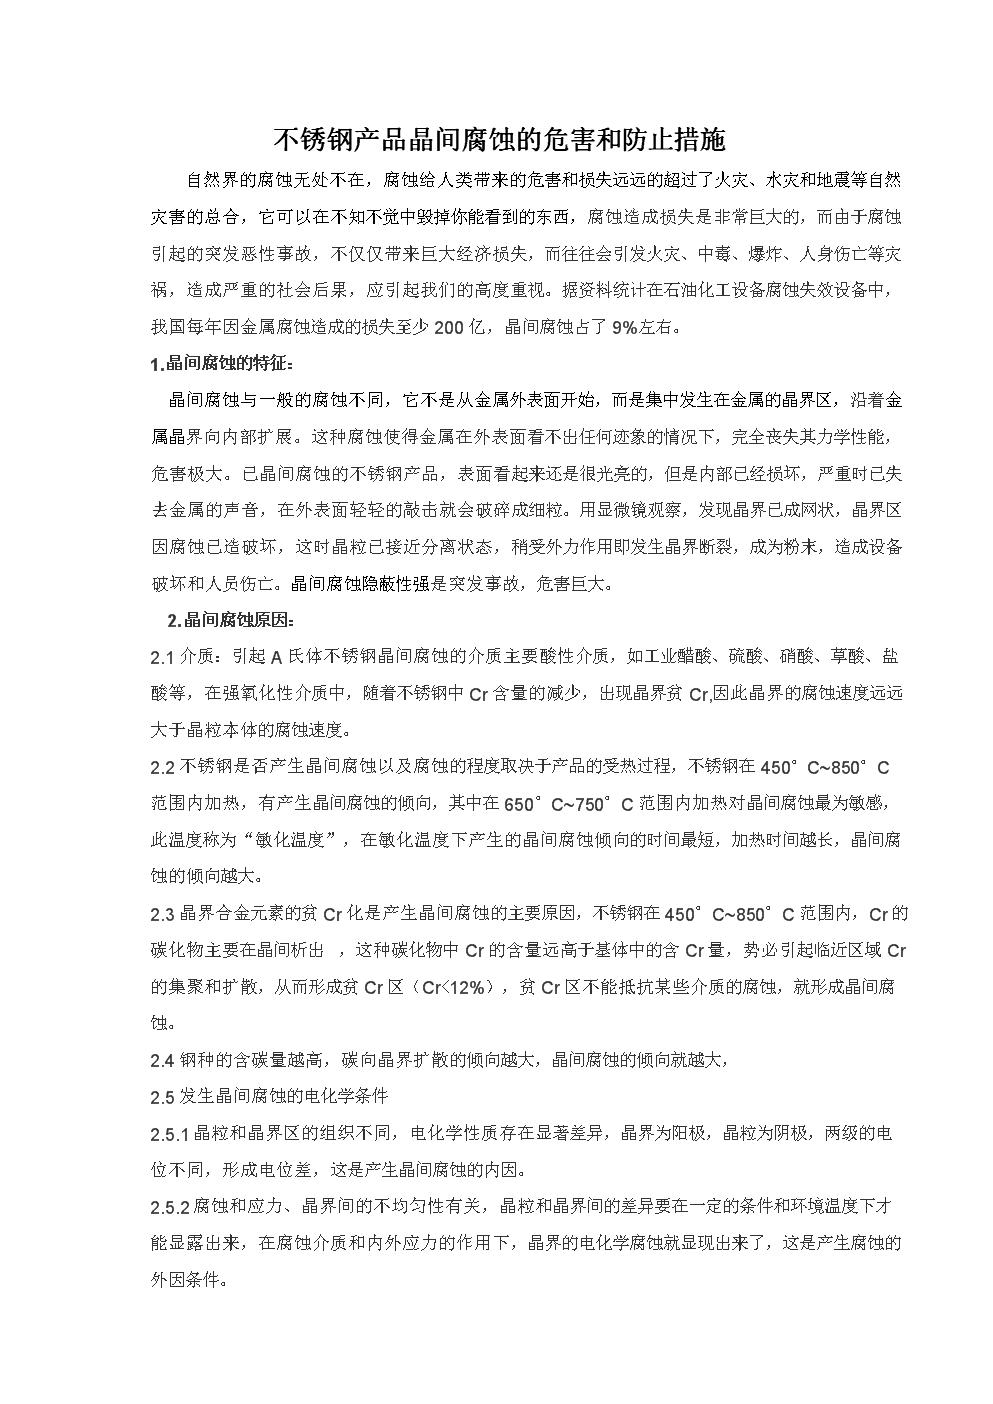 不锈钢产品晶间腐蚀的危害和防止措施.doc